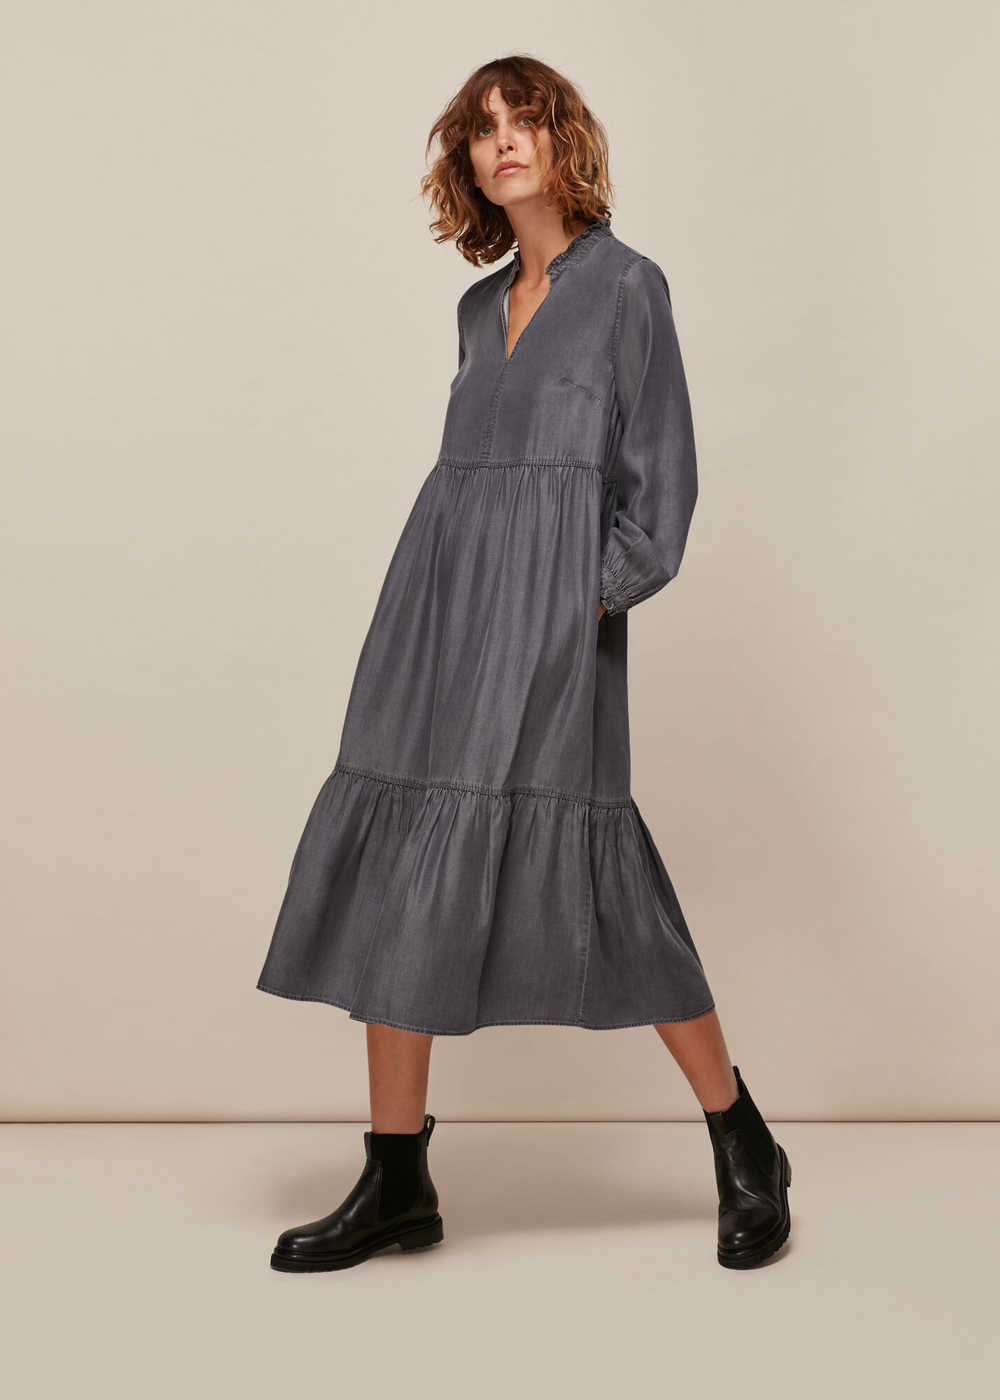 Whistles traper haljina proljeće 2021.